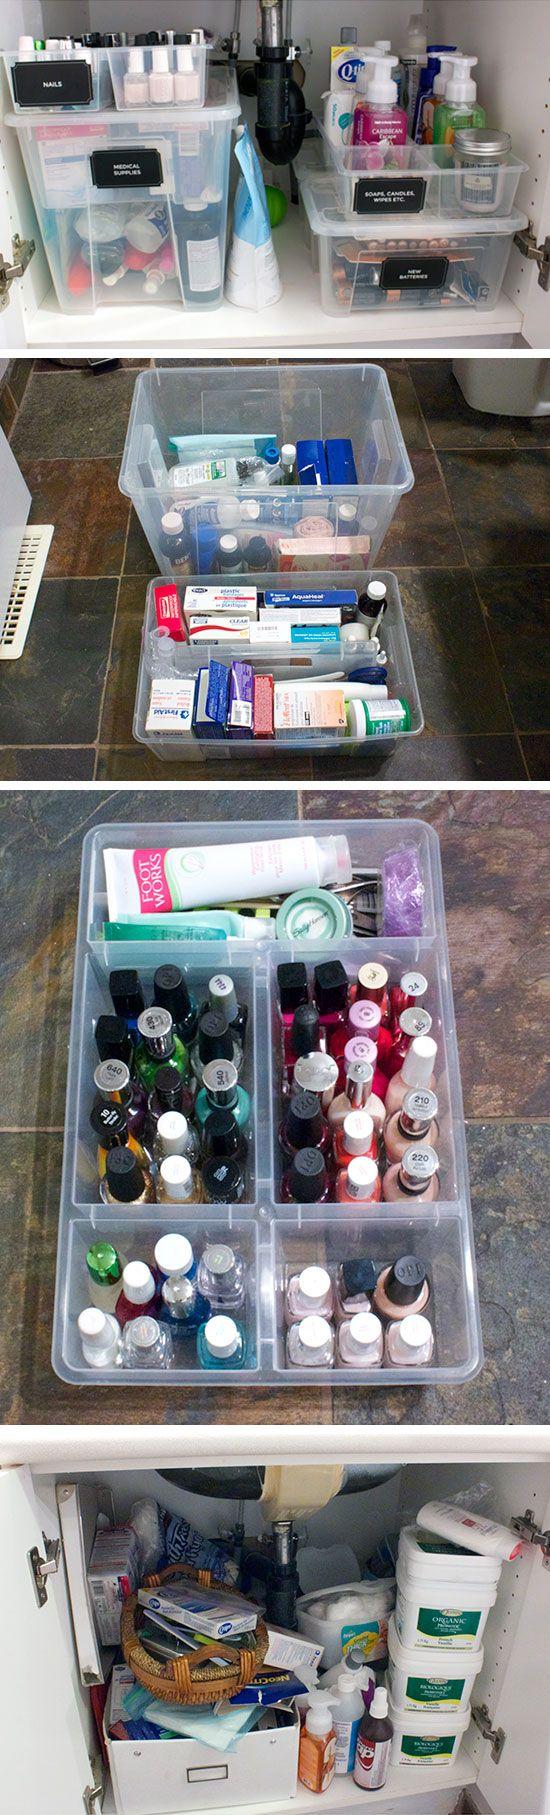 Organize Under Bathroom Sink Ideas